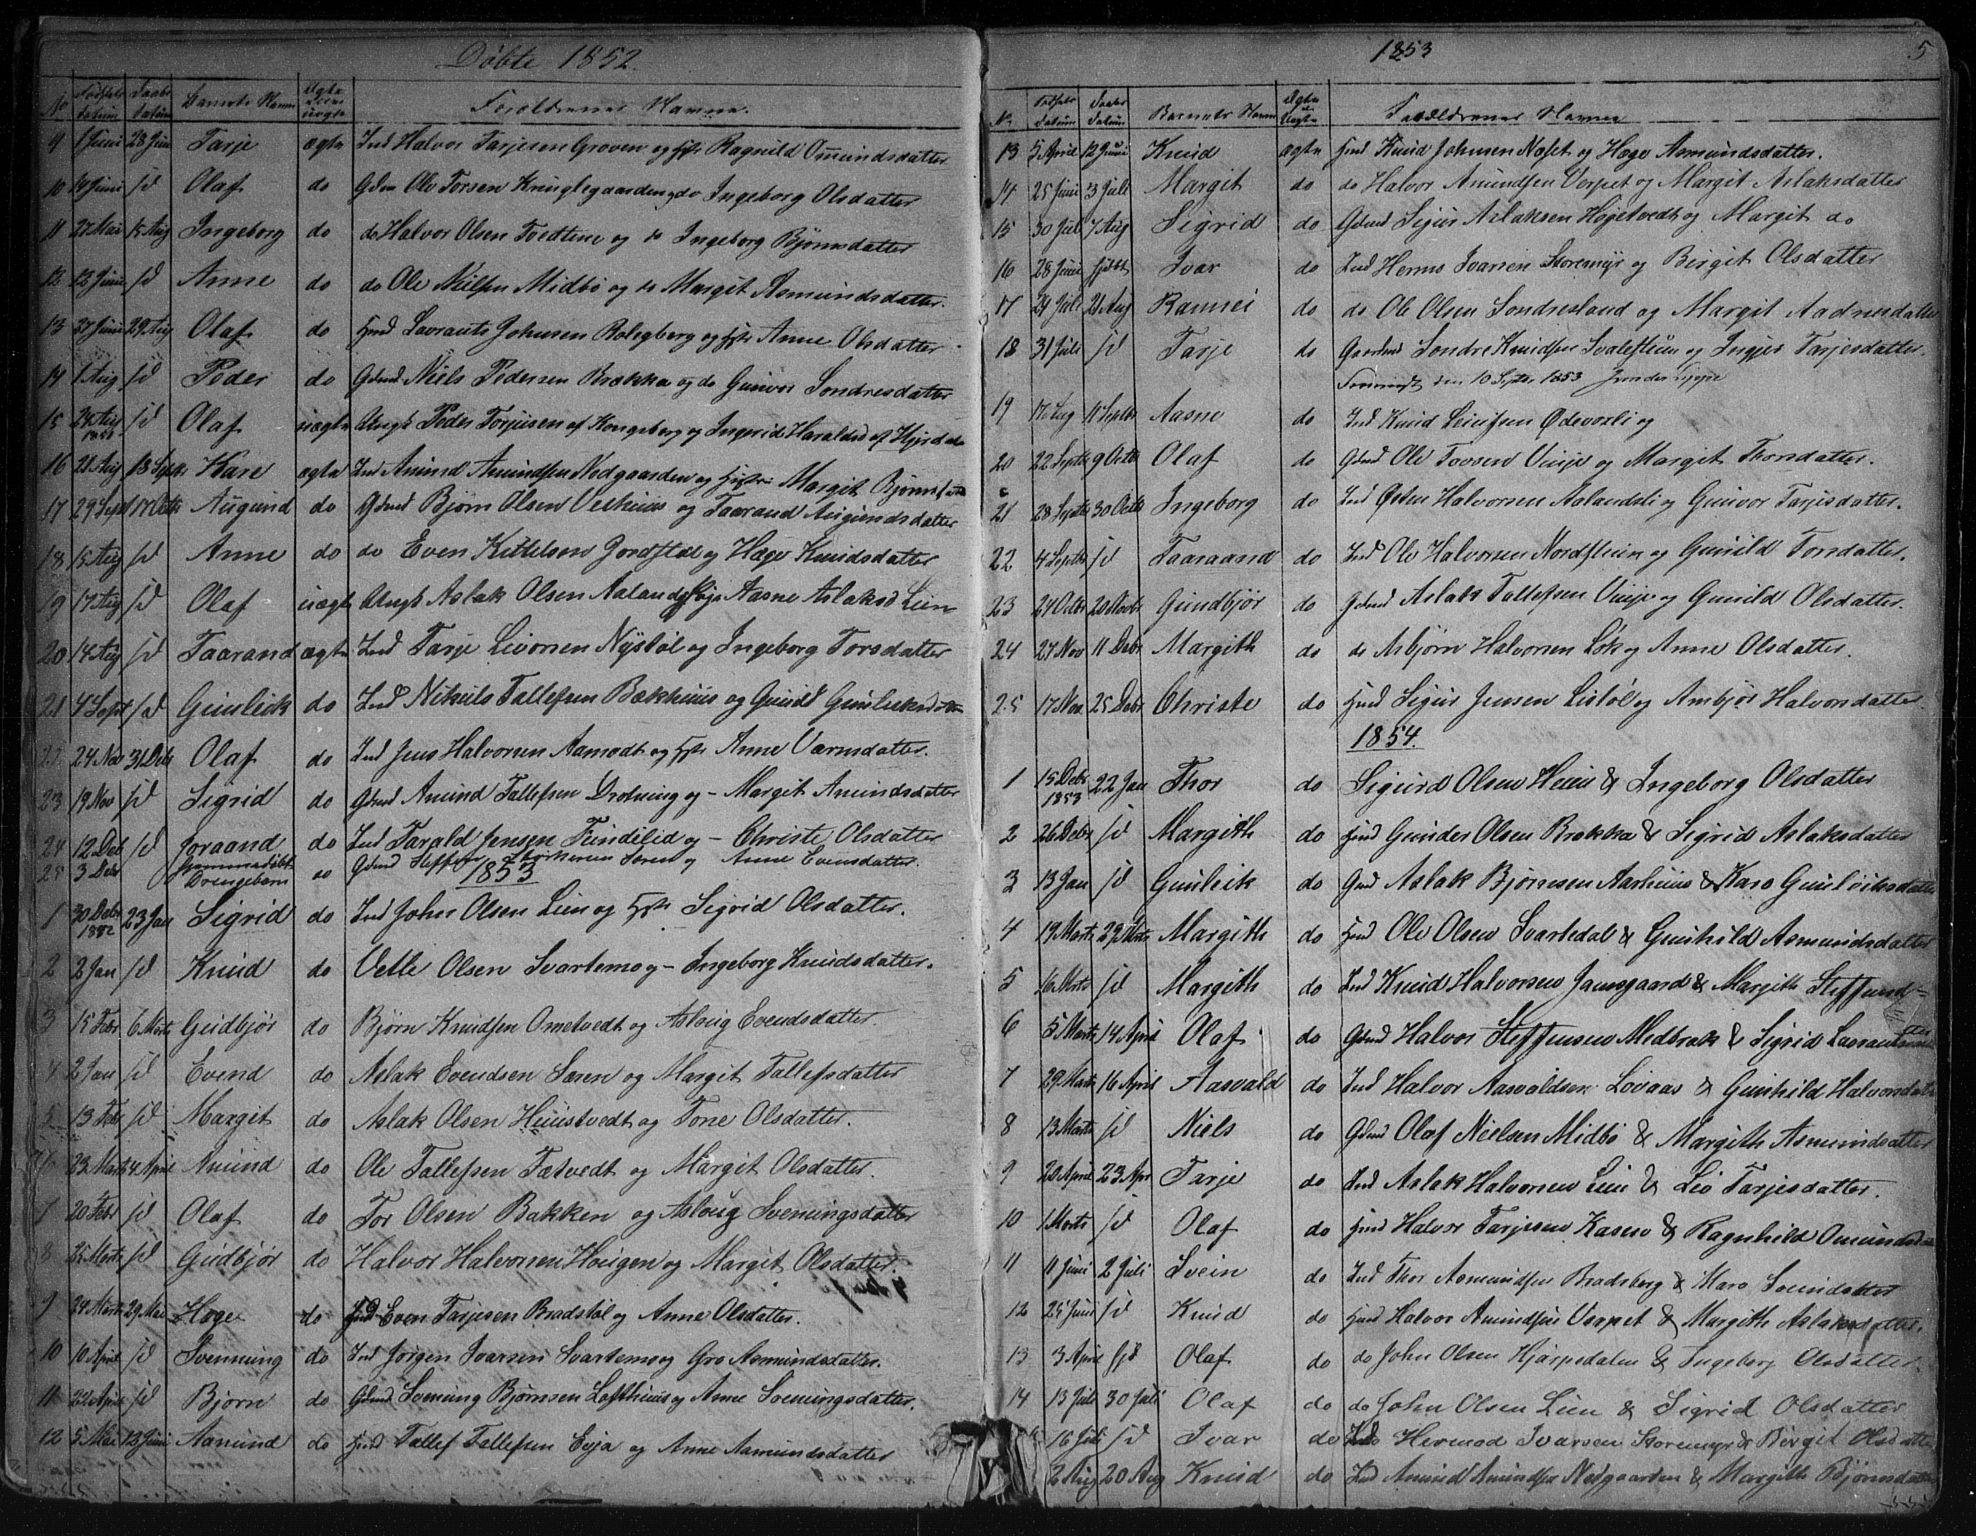 SAKO, Vinje kirkebøker, G/Ga/L0002: Klokkerbok nr. I 2, 1849-1893, s. 5